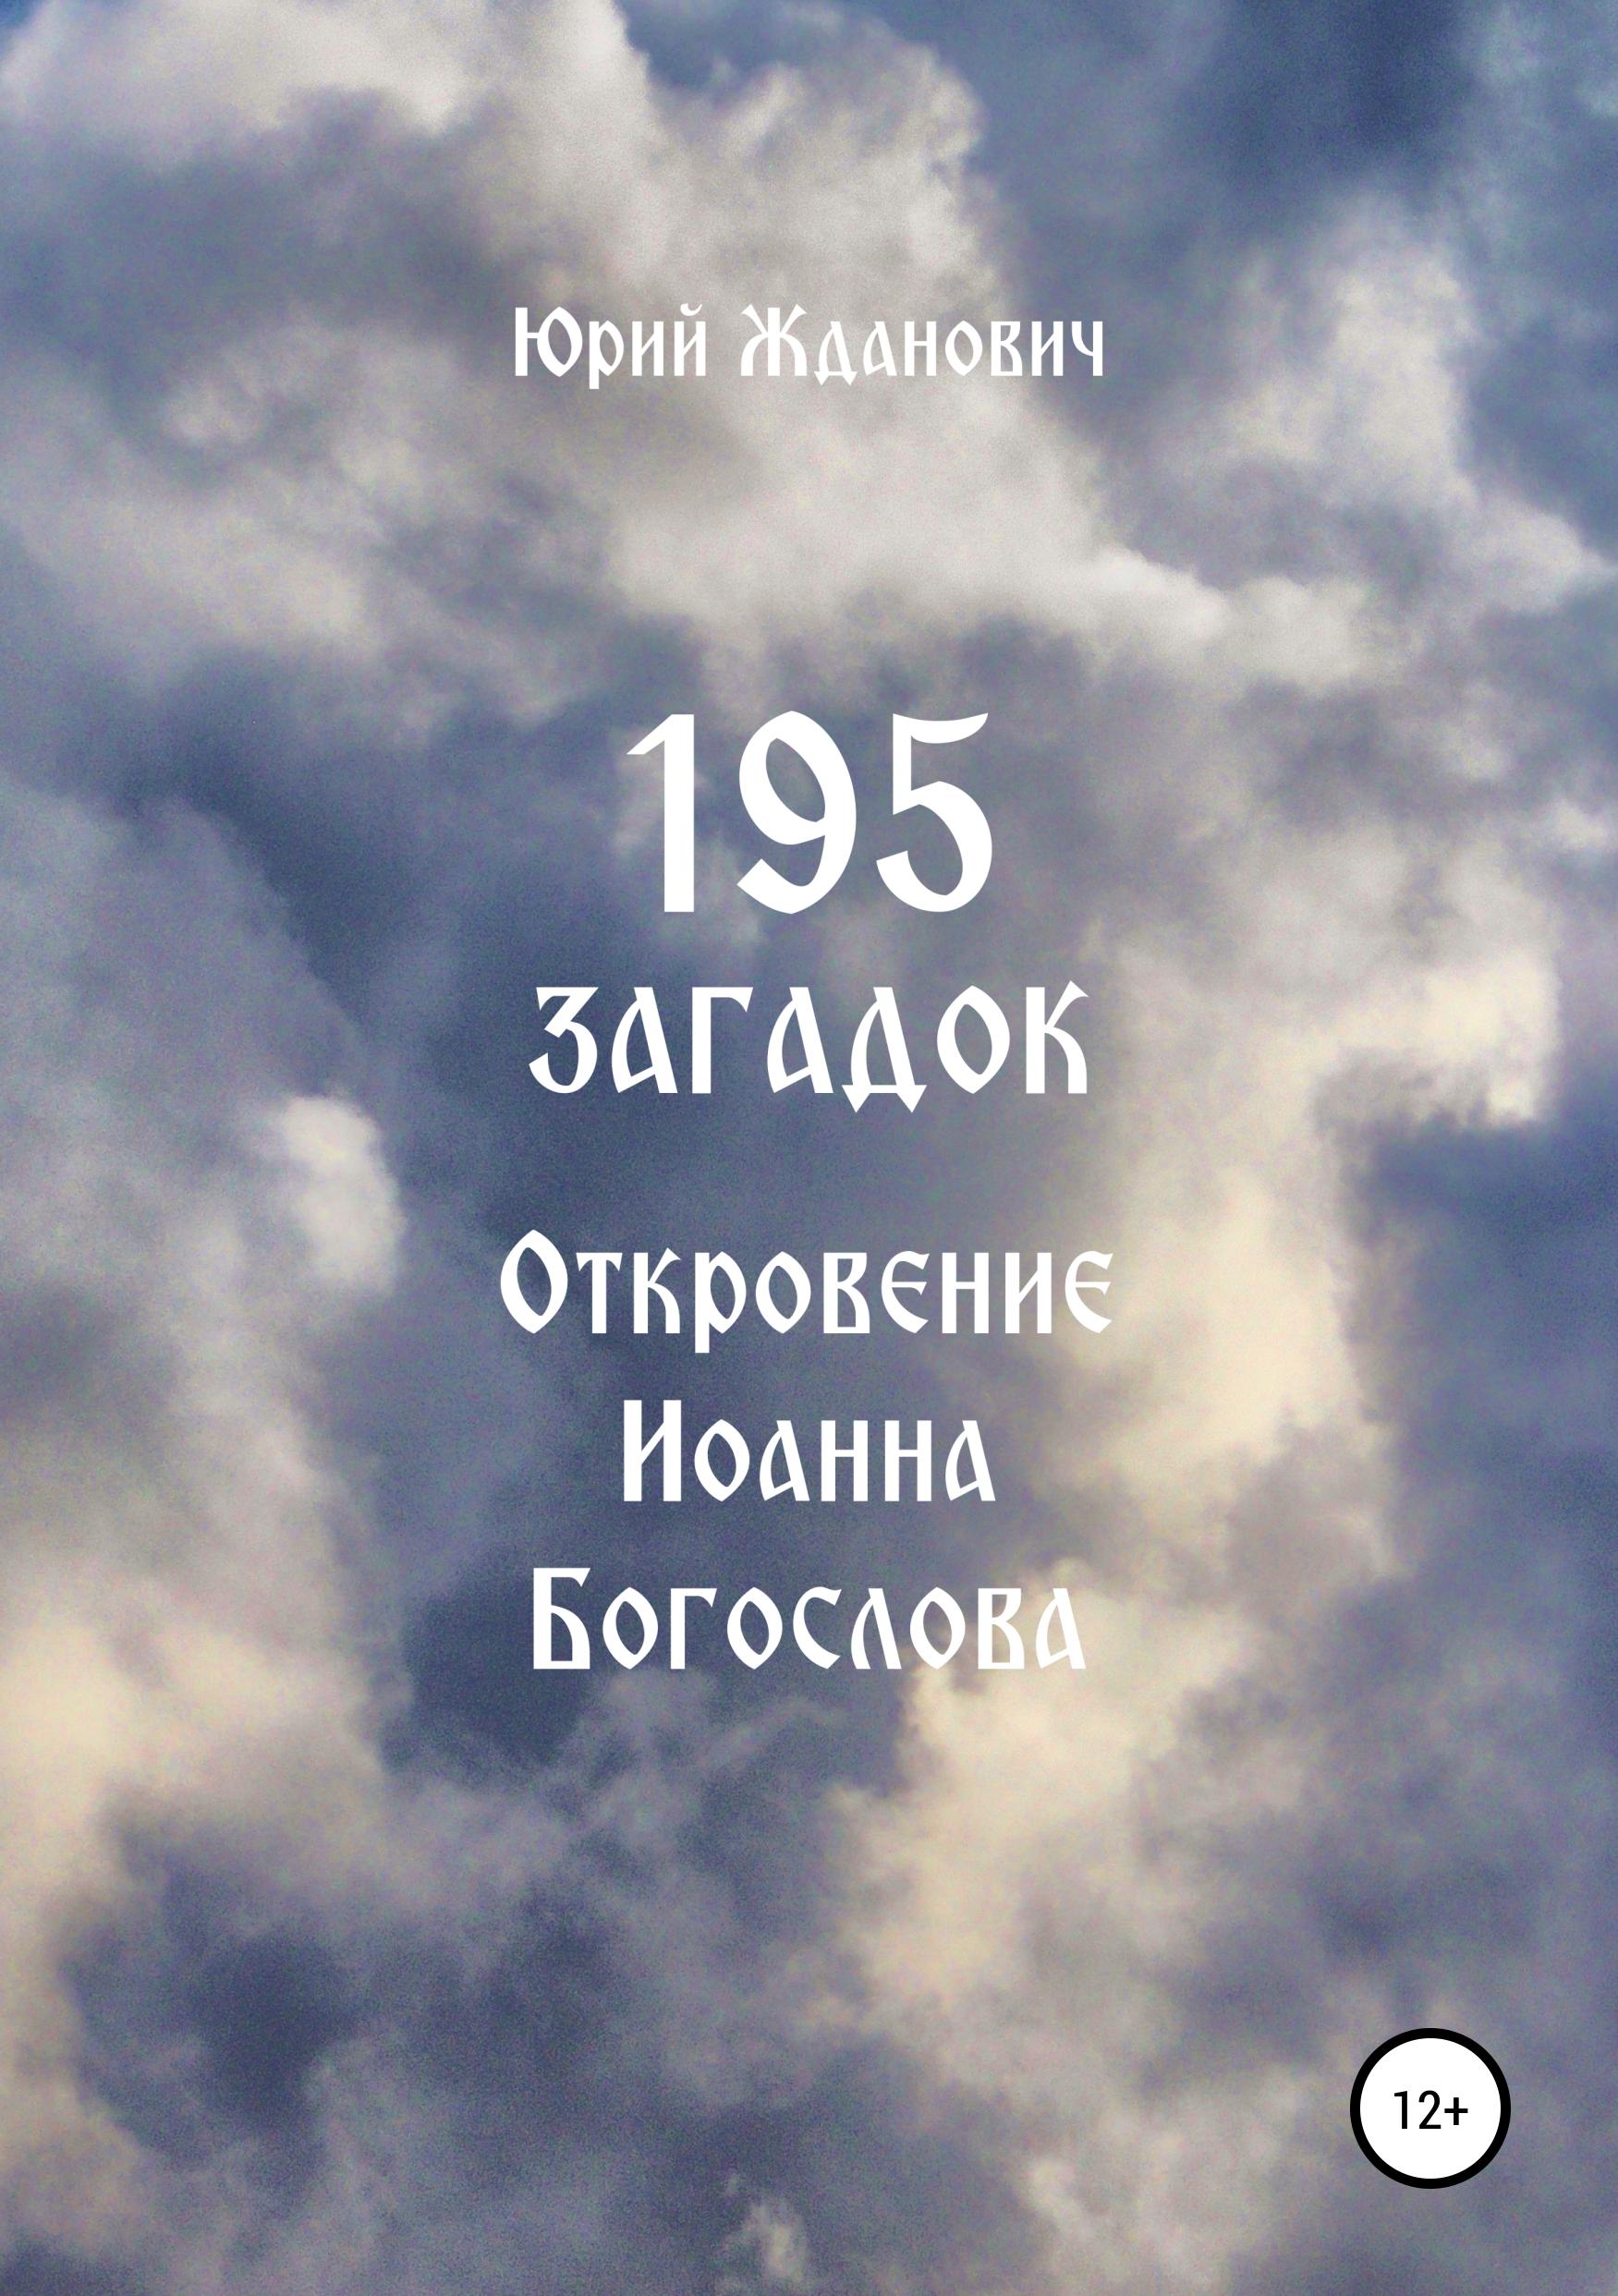 Юрий Михайлович Жданович 195 загадок. Откровение Иоанна Богослова книга урантии пятое эпохальное откровение